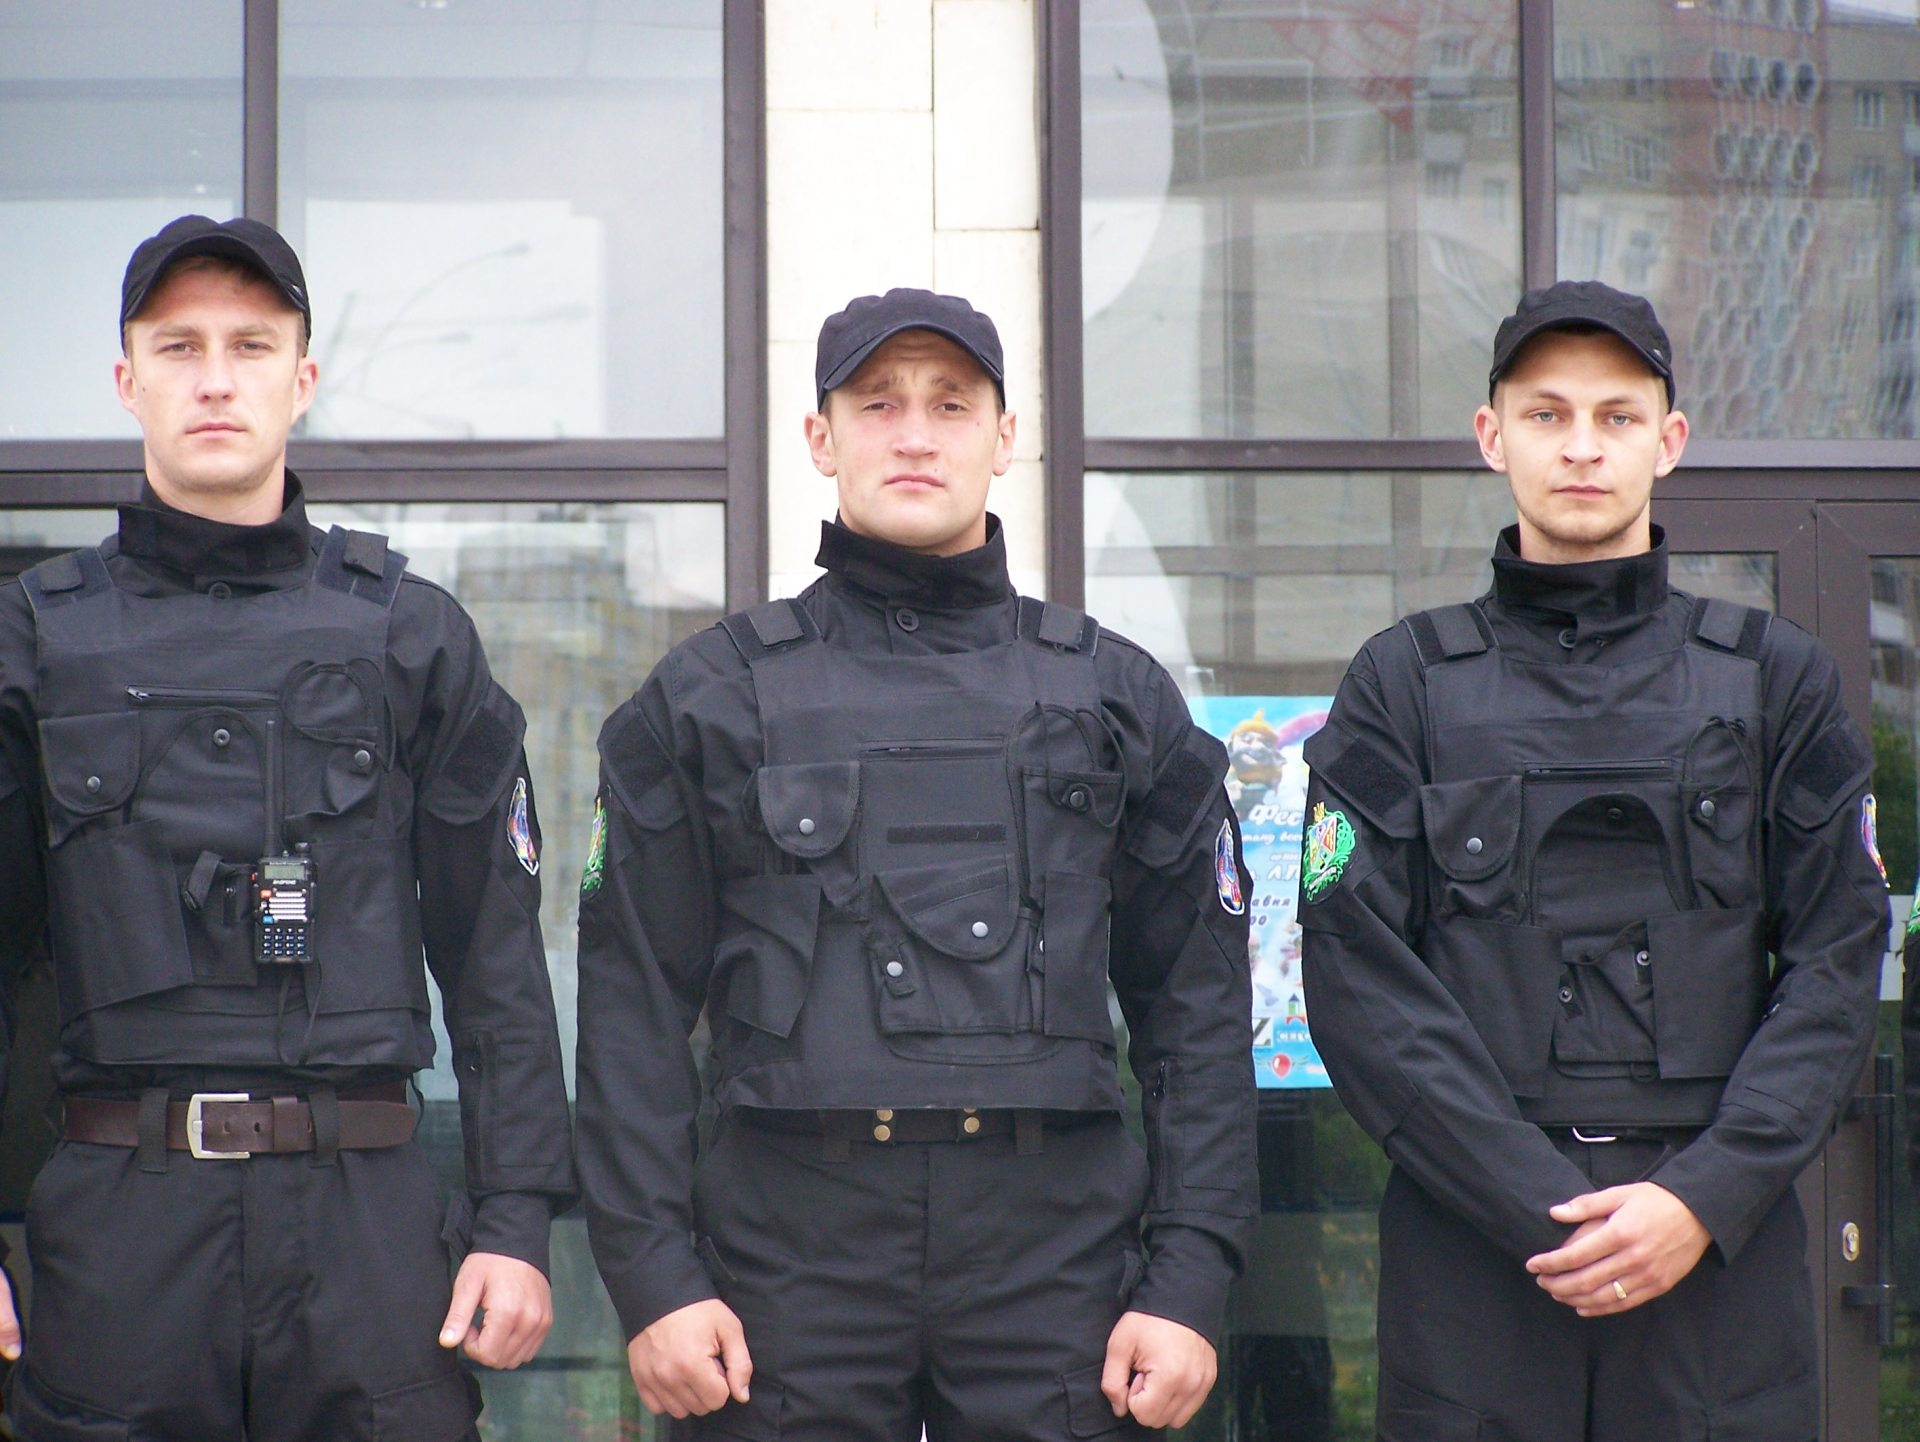 полиция, коммунальное предприятие, херсон